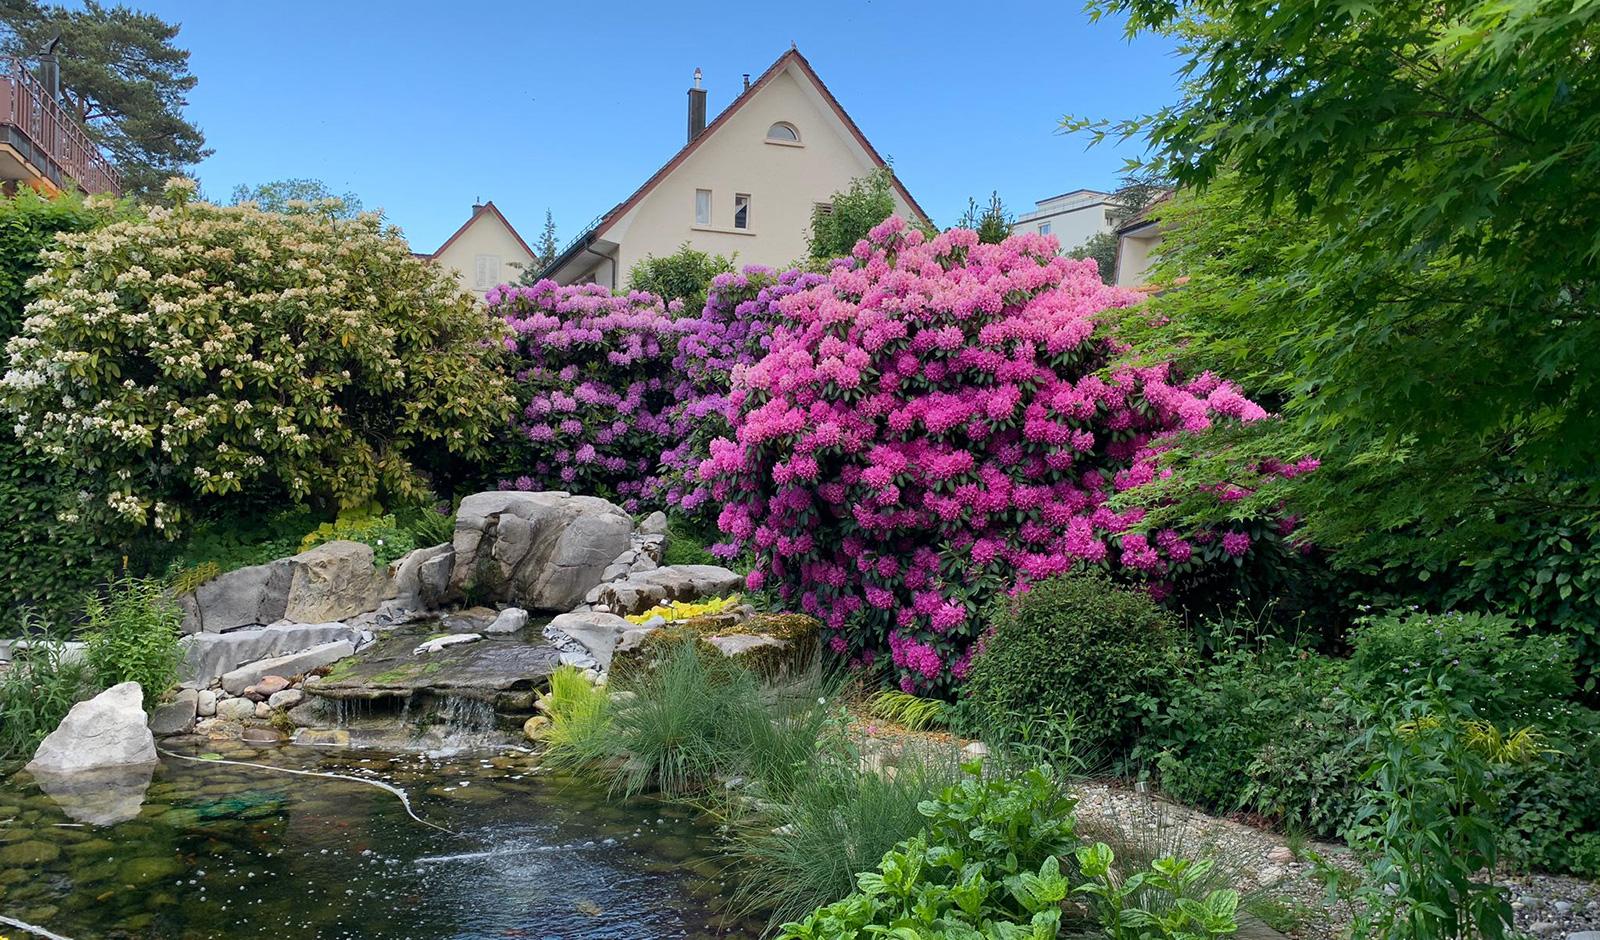 Wunderschönes Einfamilienhaus mit paradiesischem Garten